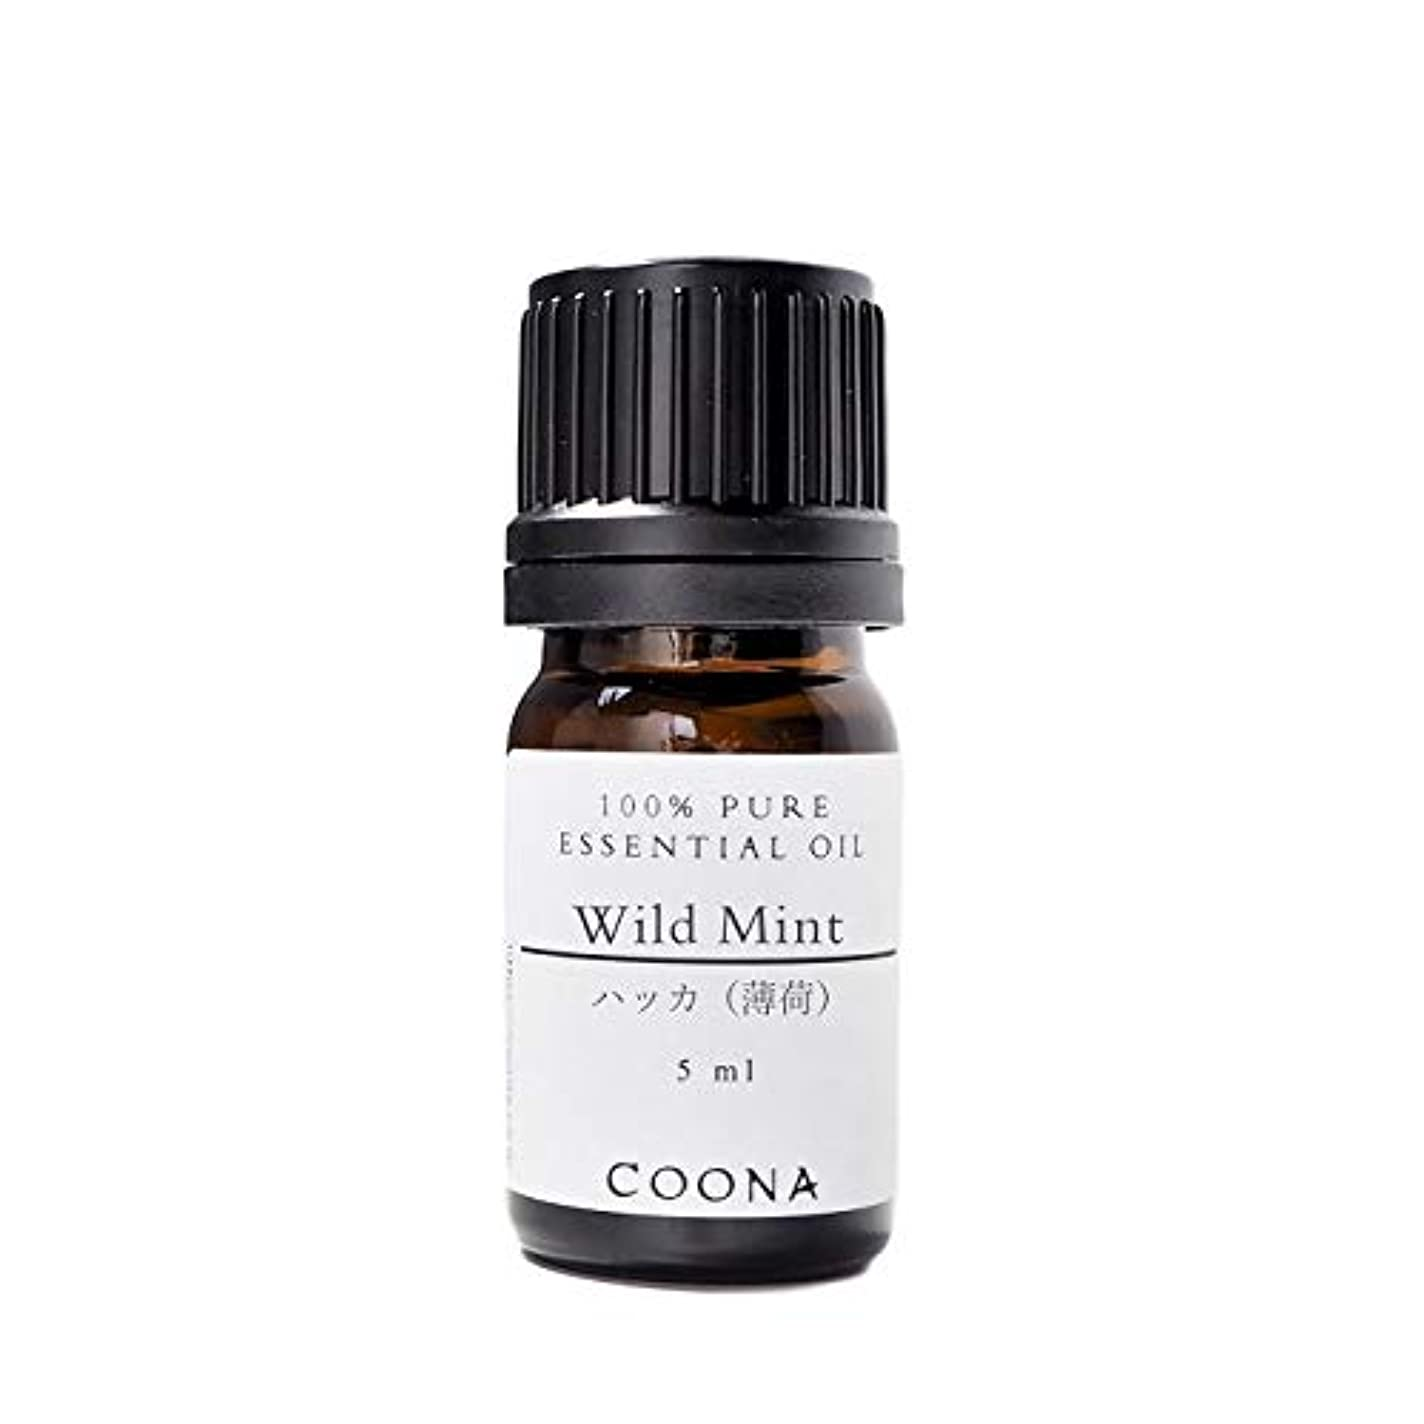 肺量でにおいハッカ (薄荷) 5 ml (COONA エッセンシャルオイル アロマオイル 100%天然植物精油)